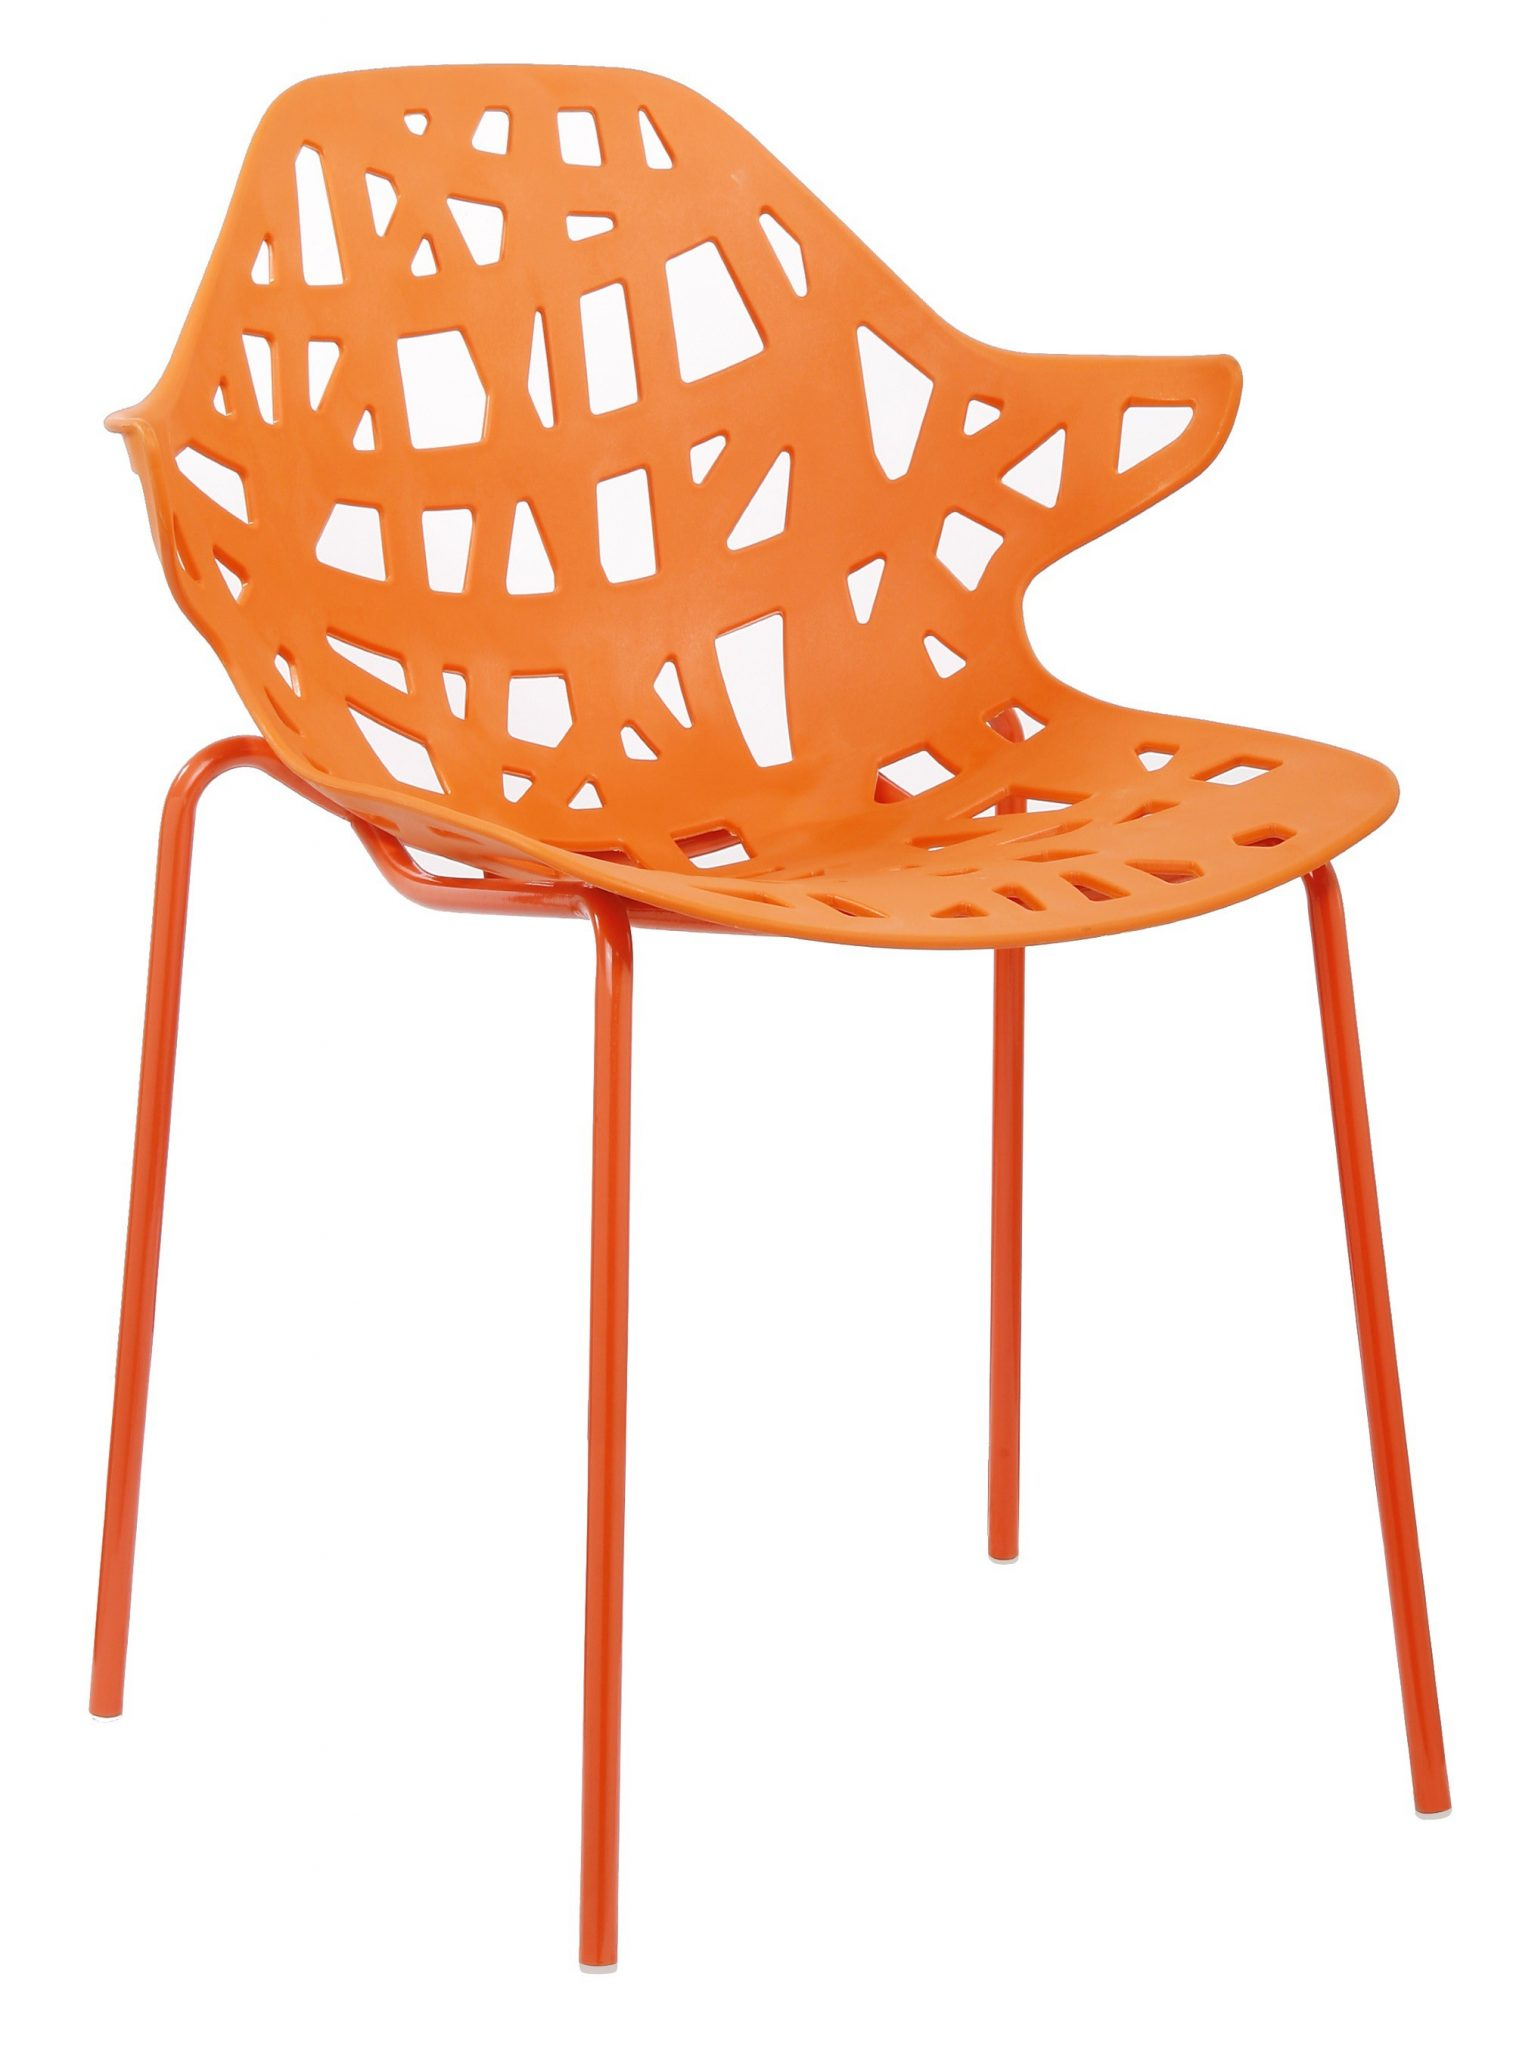 chaise design orange le monde de l a. Black Bedroom Furniture Sets. Home Design Ideas